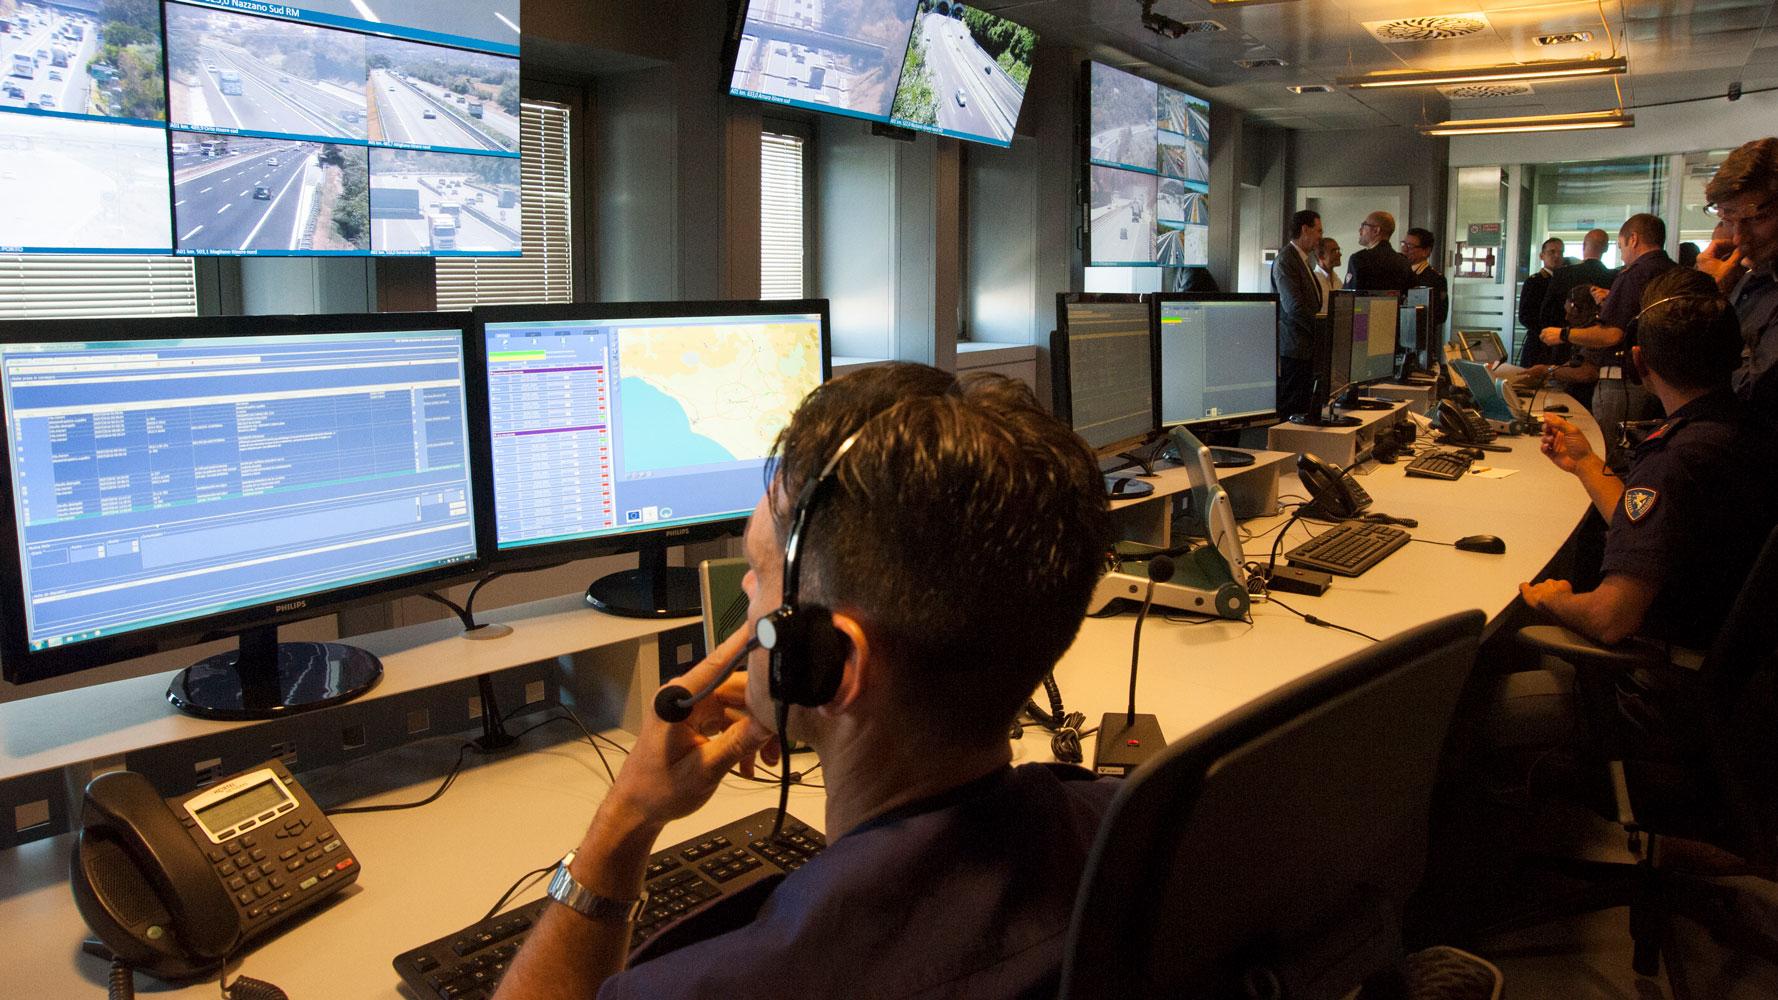 Sala operativa della Polizia stradale